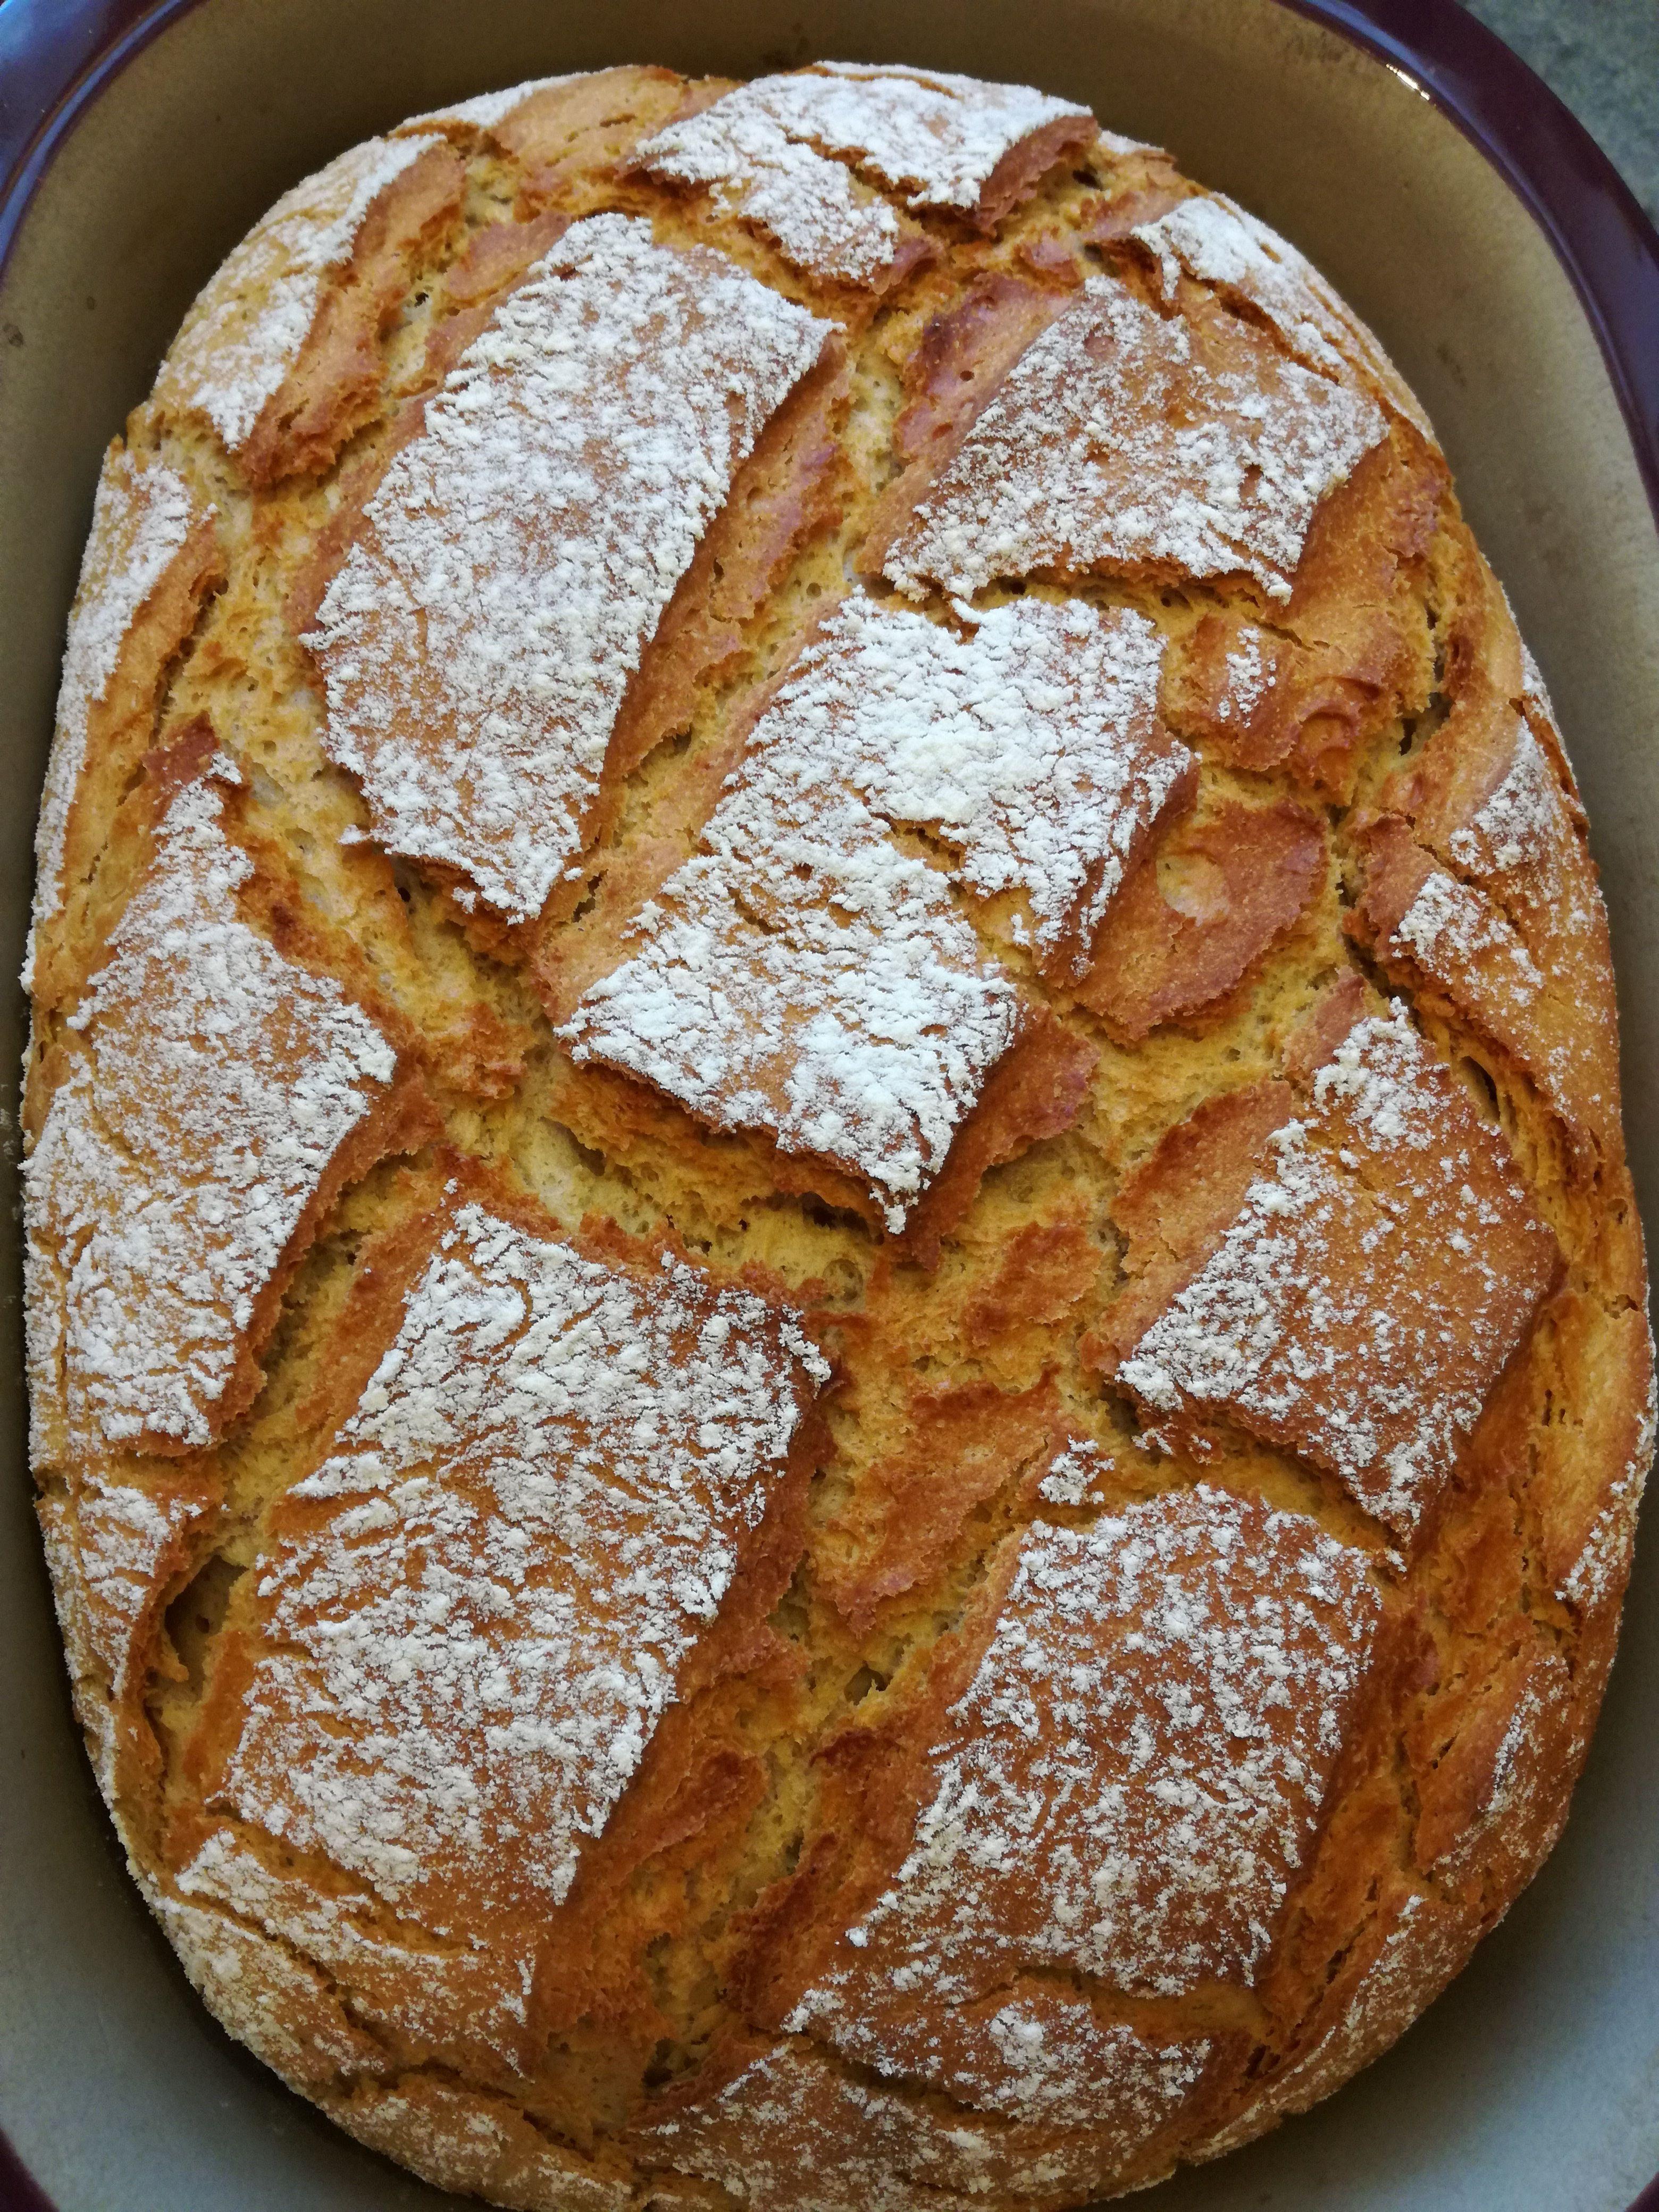 Rezepte für ein leckeres Roggen-Malzbier-Brot Zutaten: 400 g Roggenmehl Type 1150 300 g Weizenmehl Type 550 330 g Malzbier 150 g Wasser 30 g Butter 1 Packung Sauerteig (75 g) flüssig 1 Hefewürfel (… #butterbierrezept